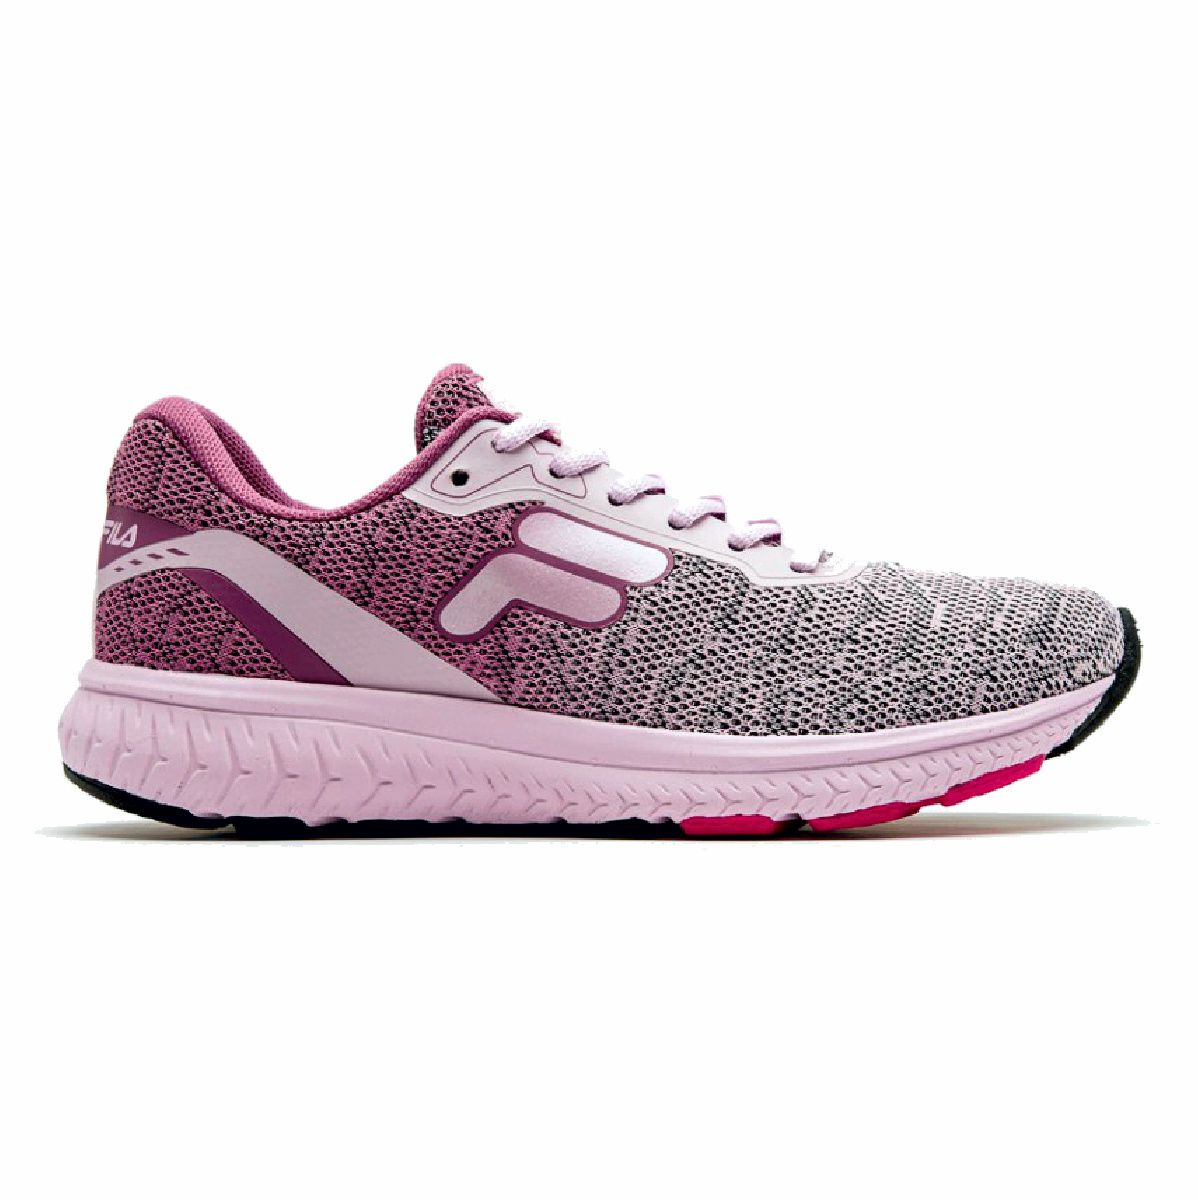 Tenis Fila Volt Running Feminino Rosa